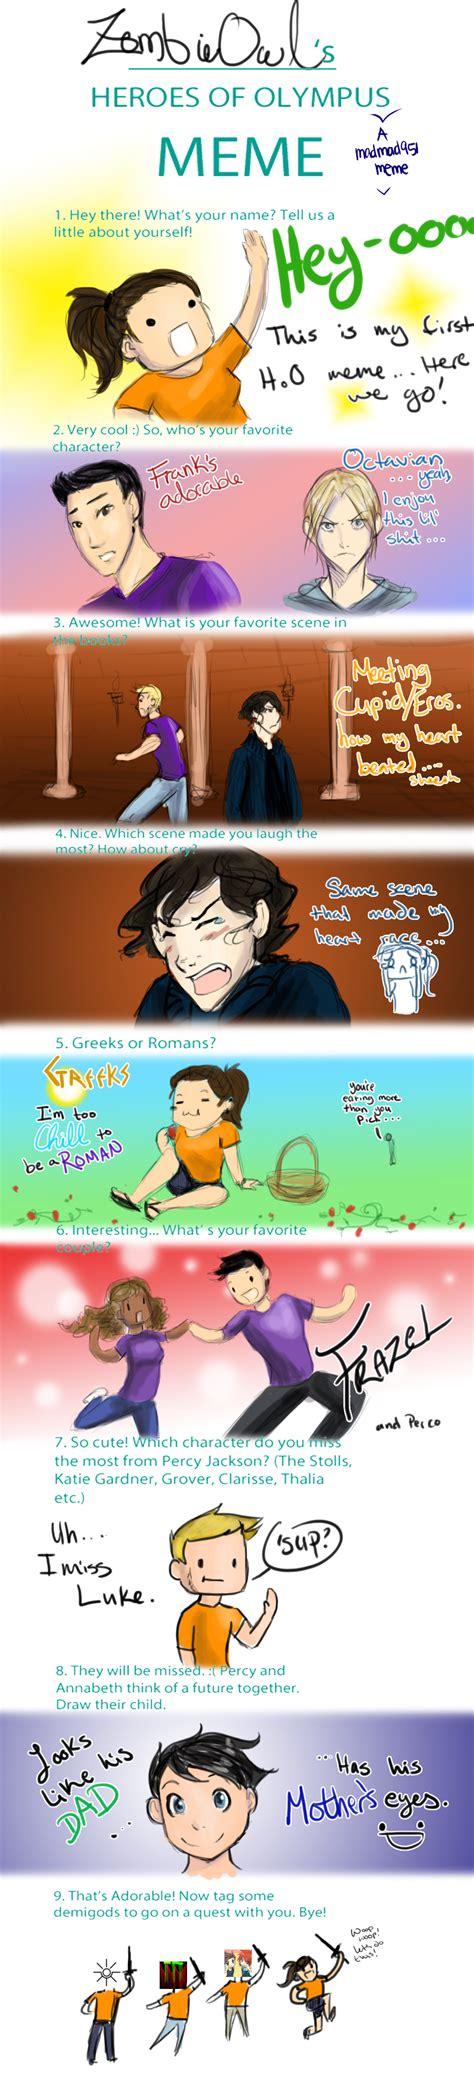 Heroes Of Olympus Memes - heroes of olympus meme by zombieowl on deviantart